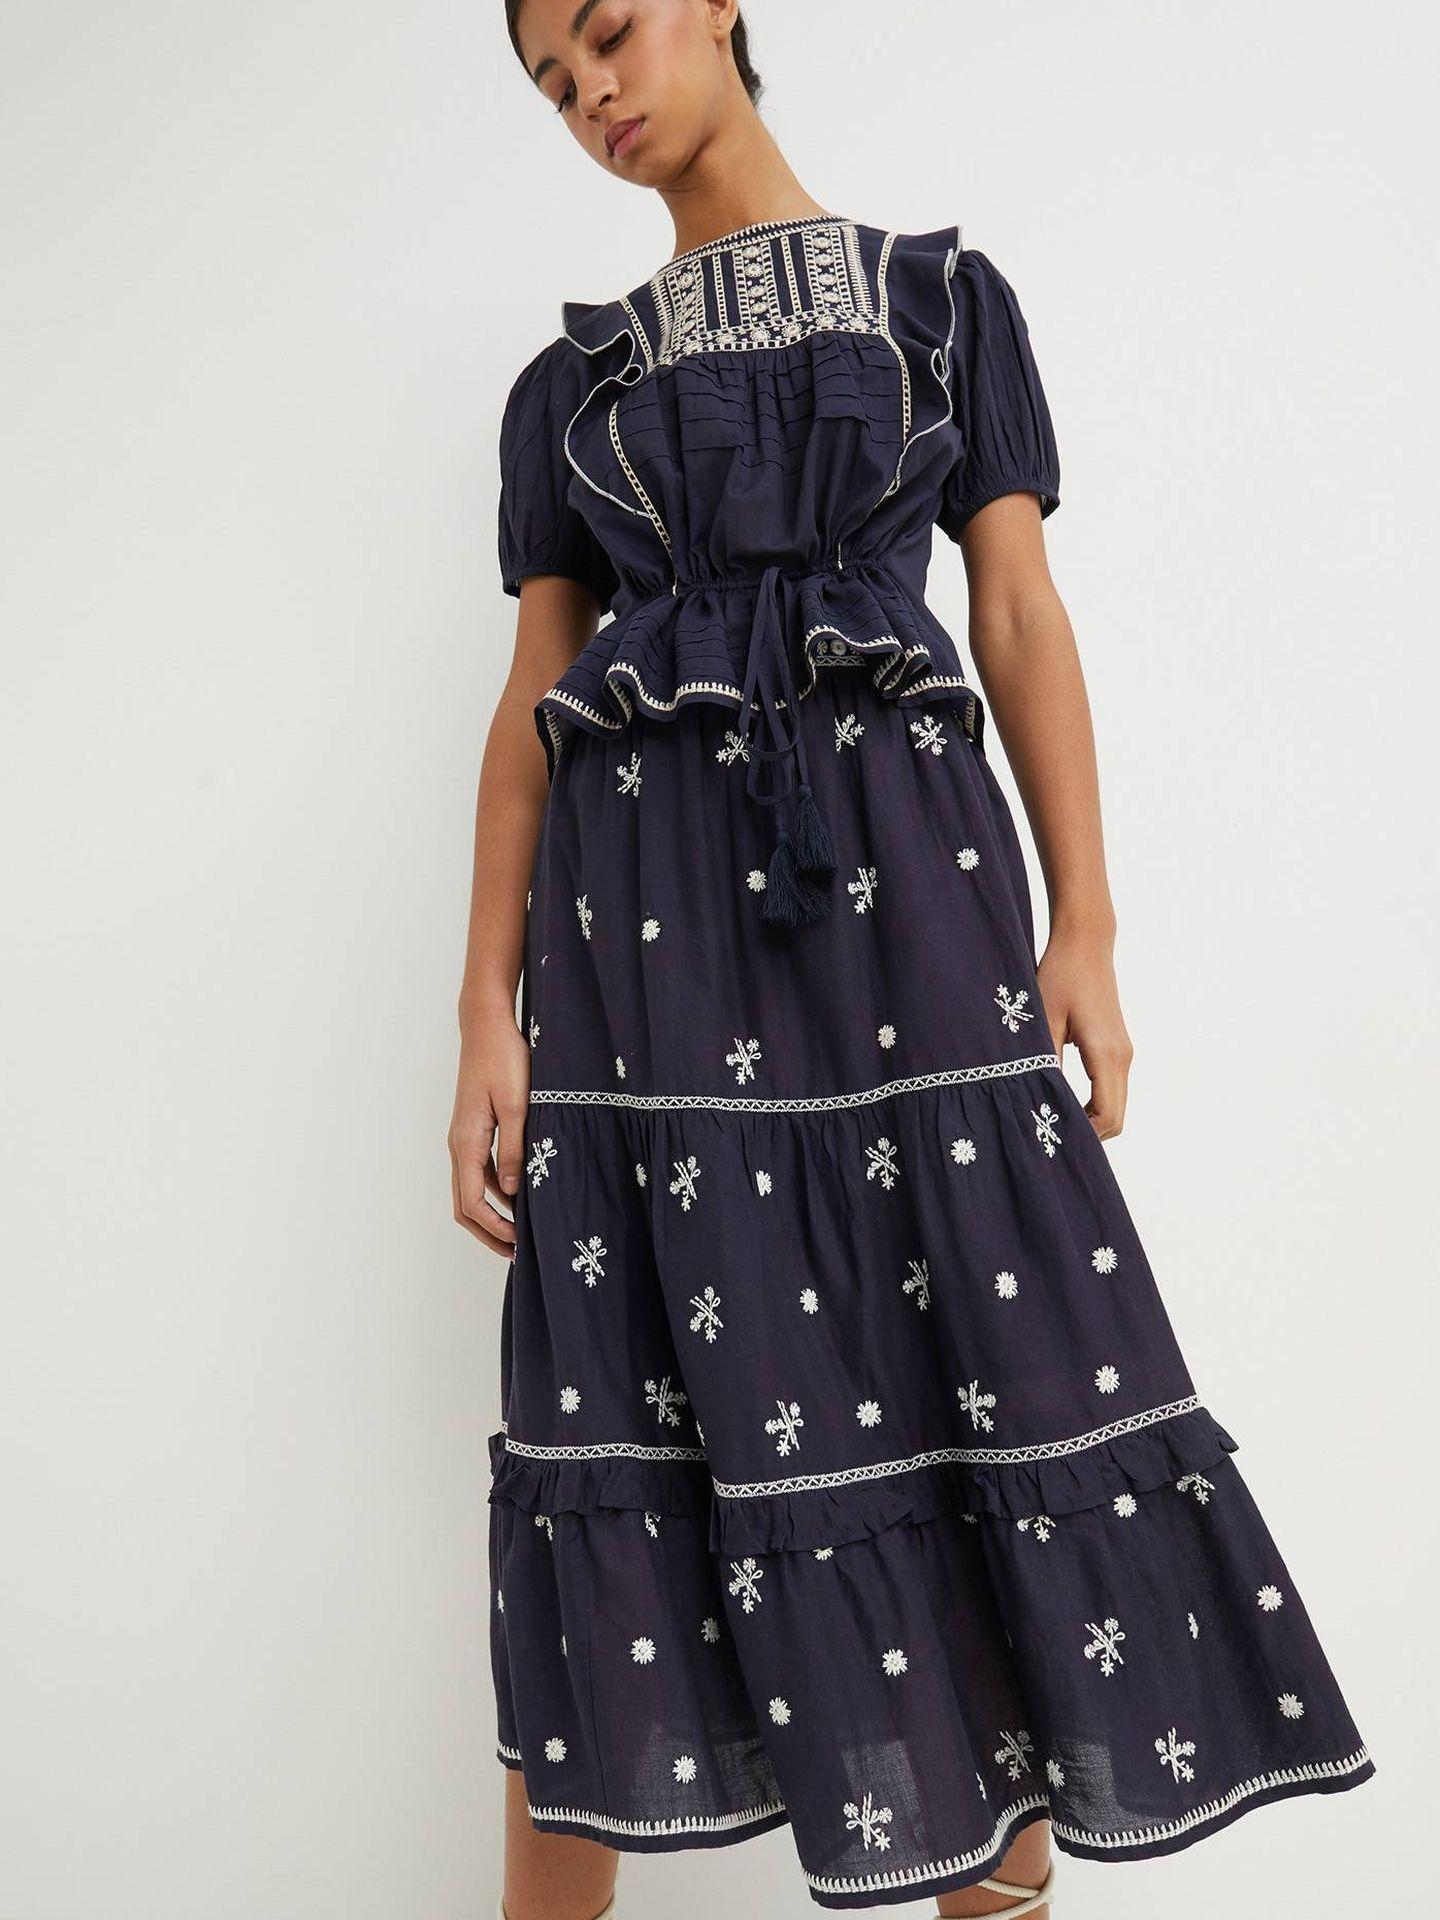 Conjunto de falda y blusa bordada de Sfera. (Cortesía)